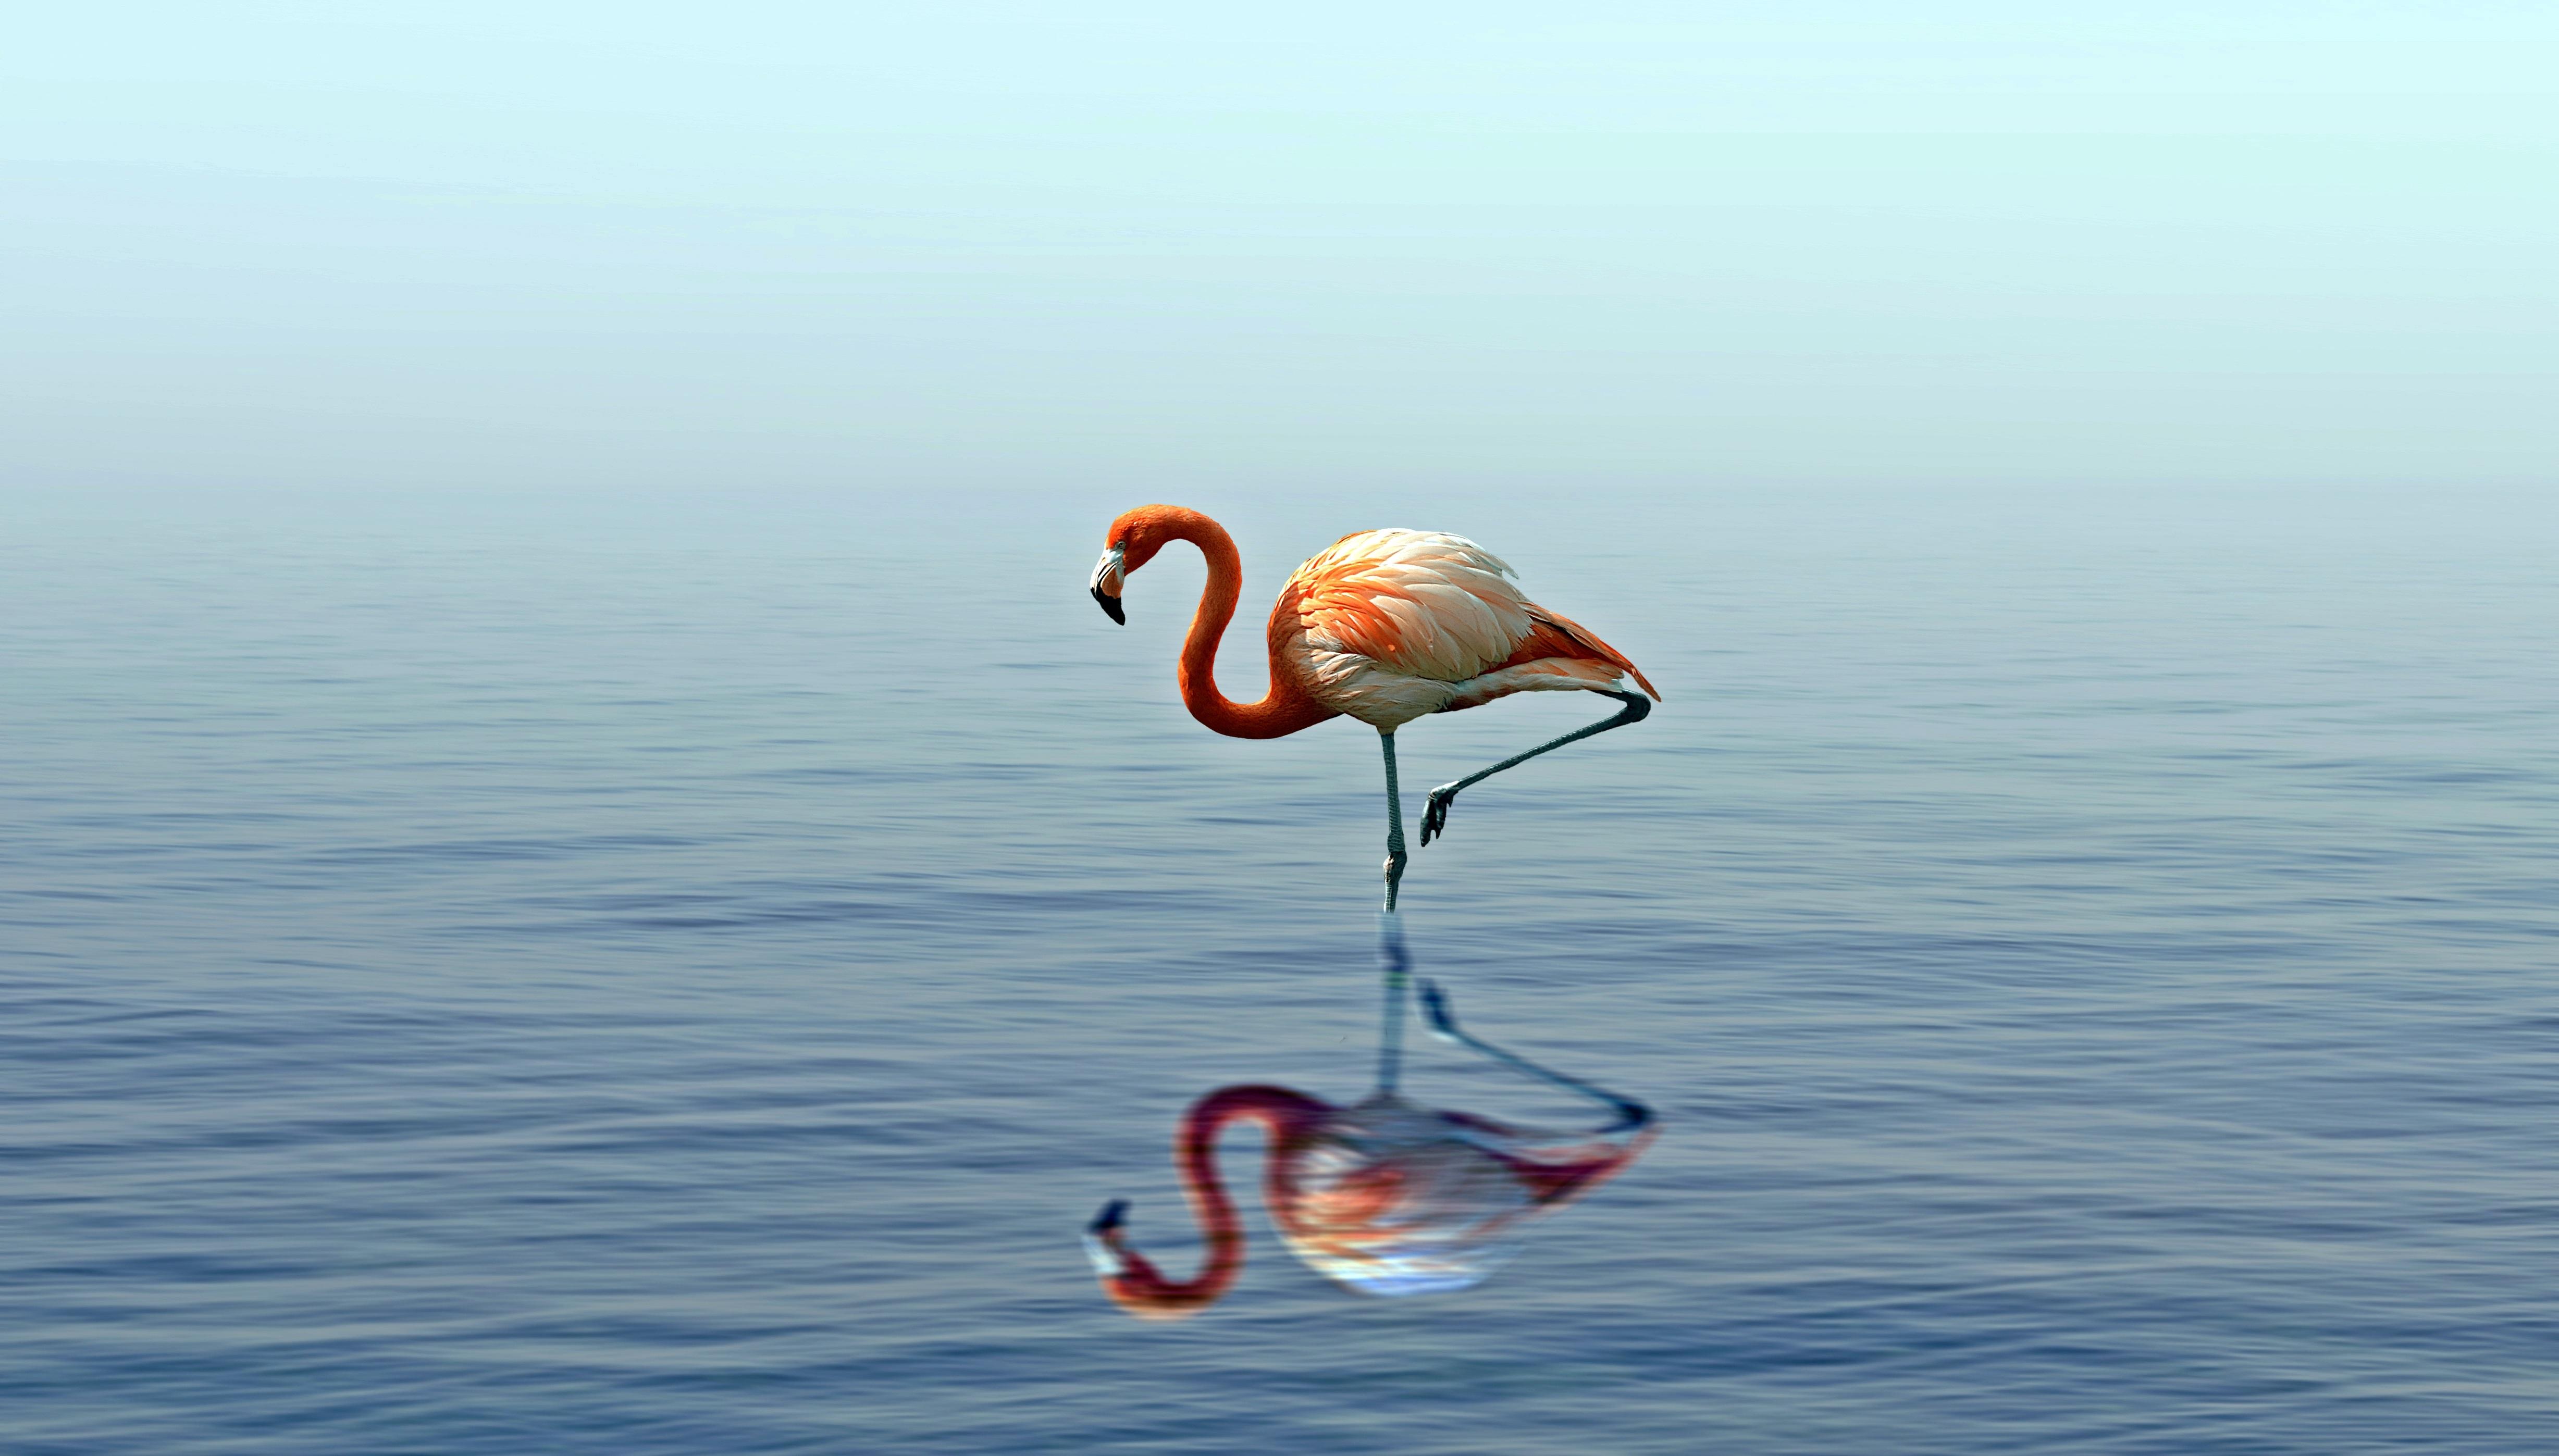 92482 Заставки и Обои Вода на телефон. Скачать Вода, Животные, Птица, Фламинго, Озеро, Отражение, Стоит картинки бесплатно